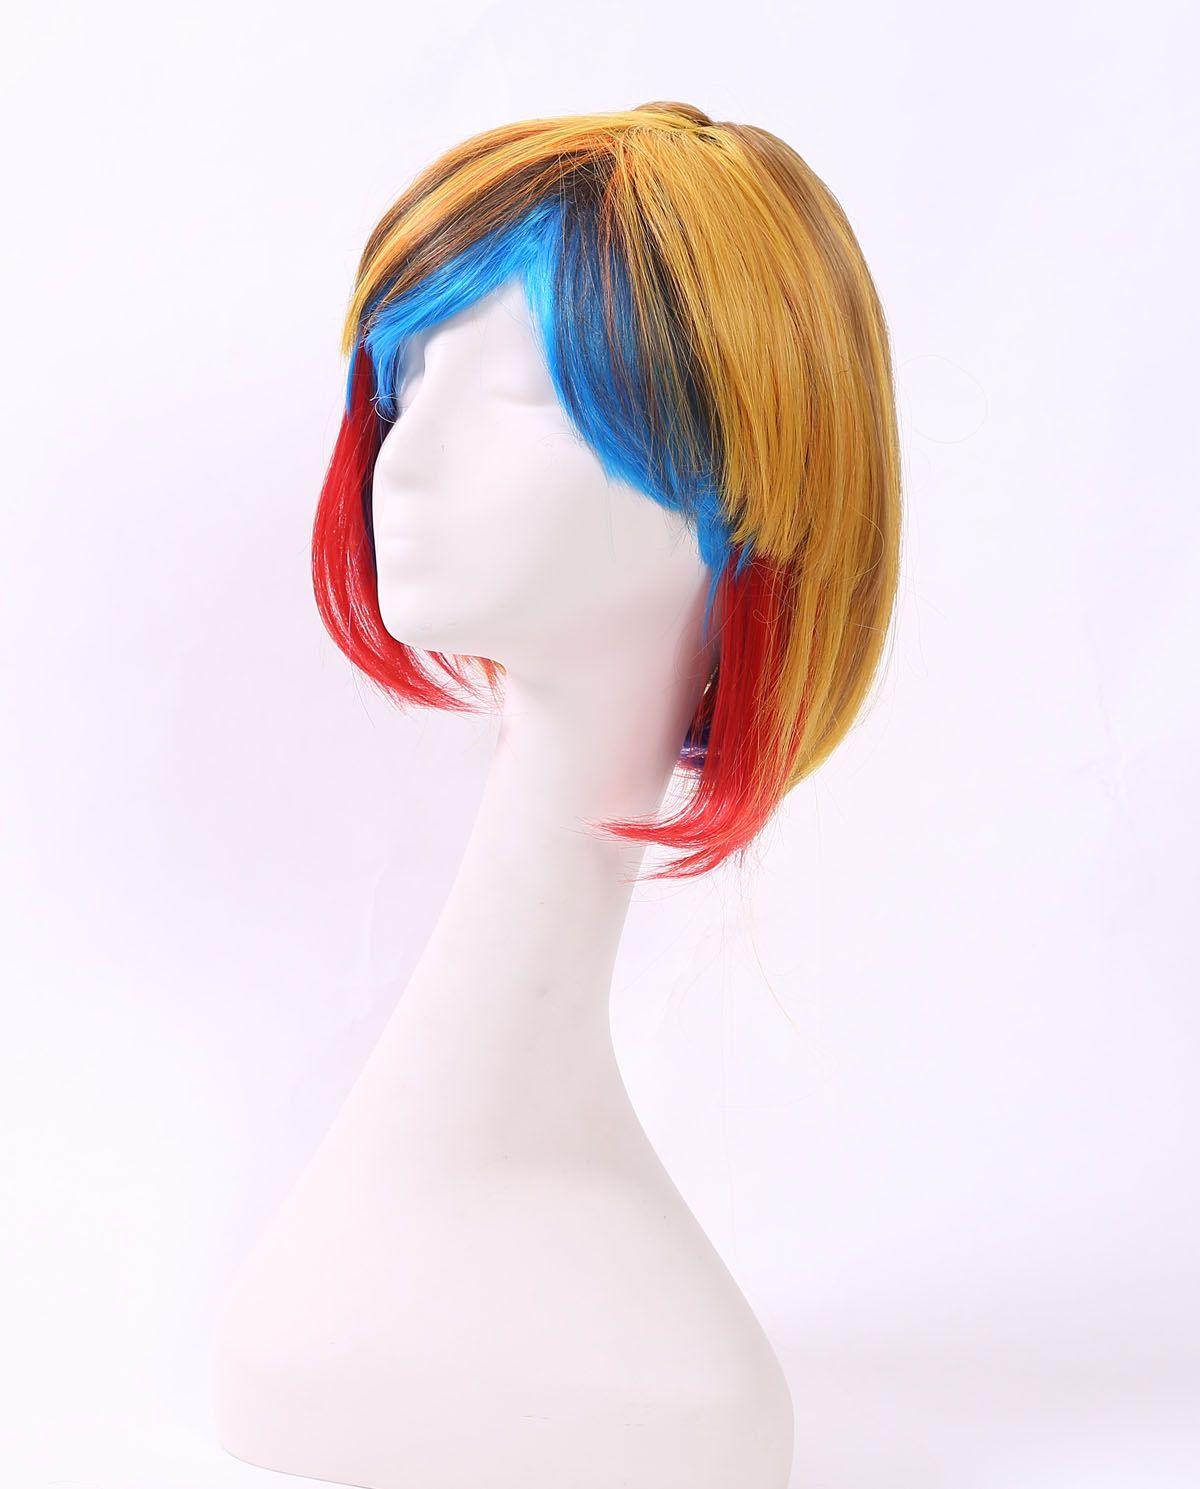 外贸热销化纤假发女彩色蓝色短发BOB头学生发自然高温丝头套批发